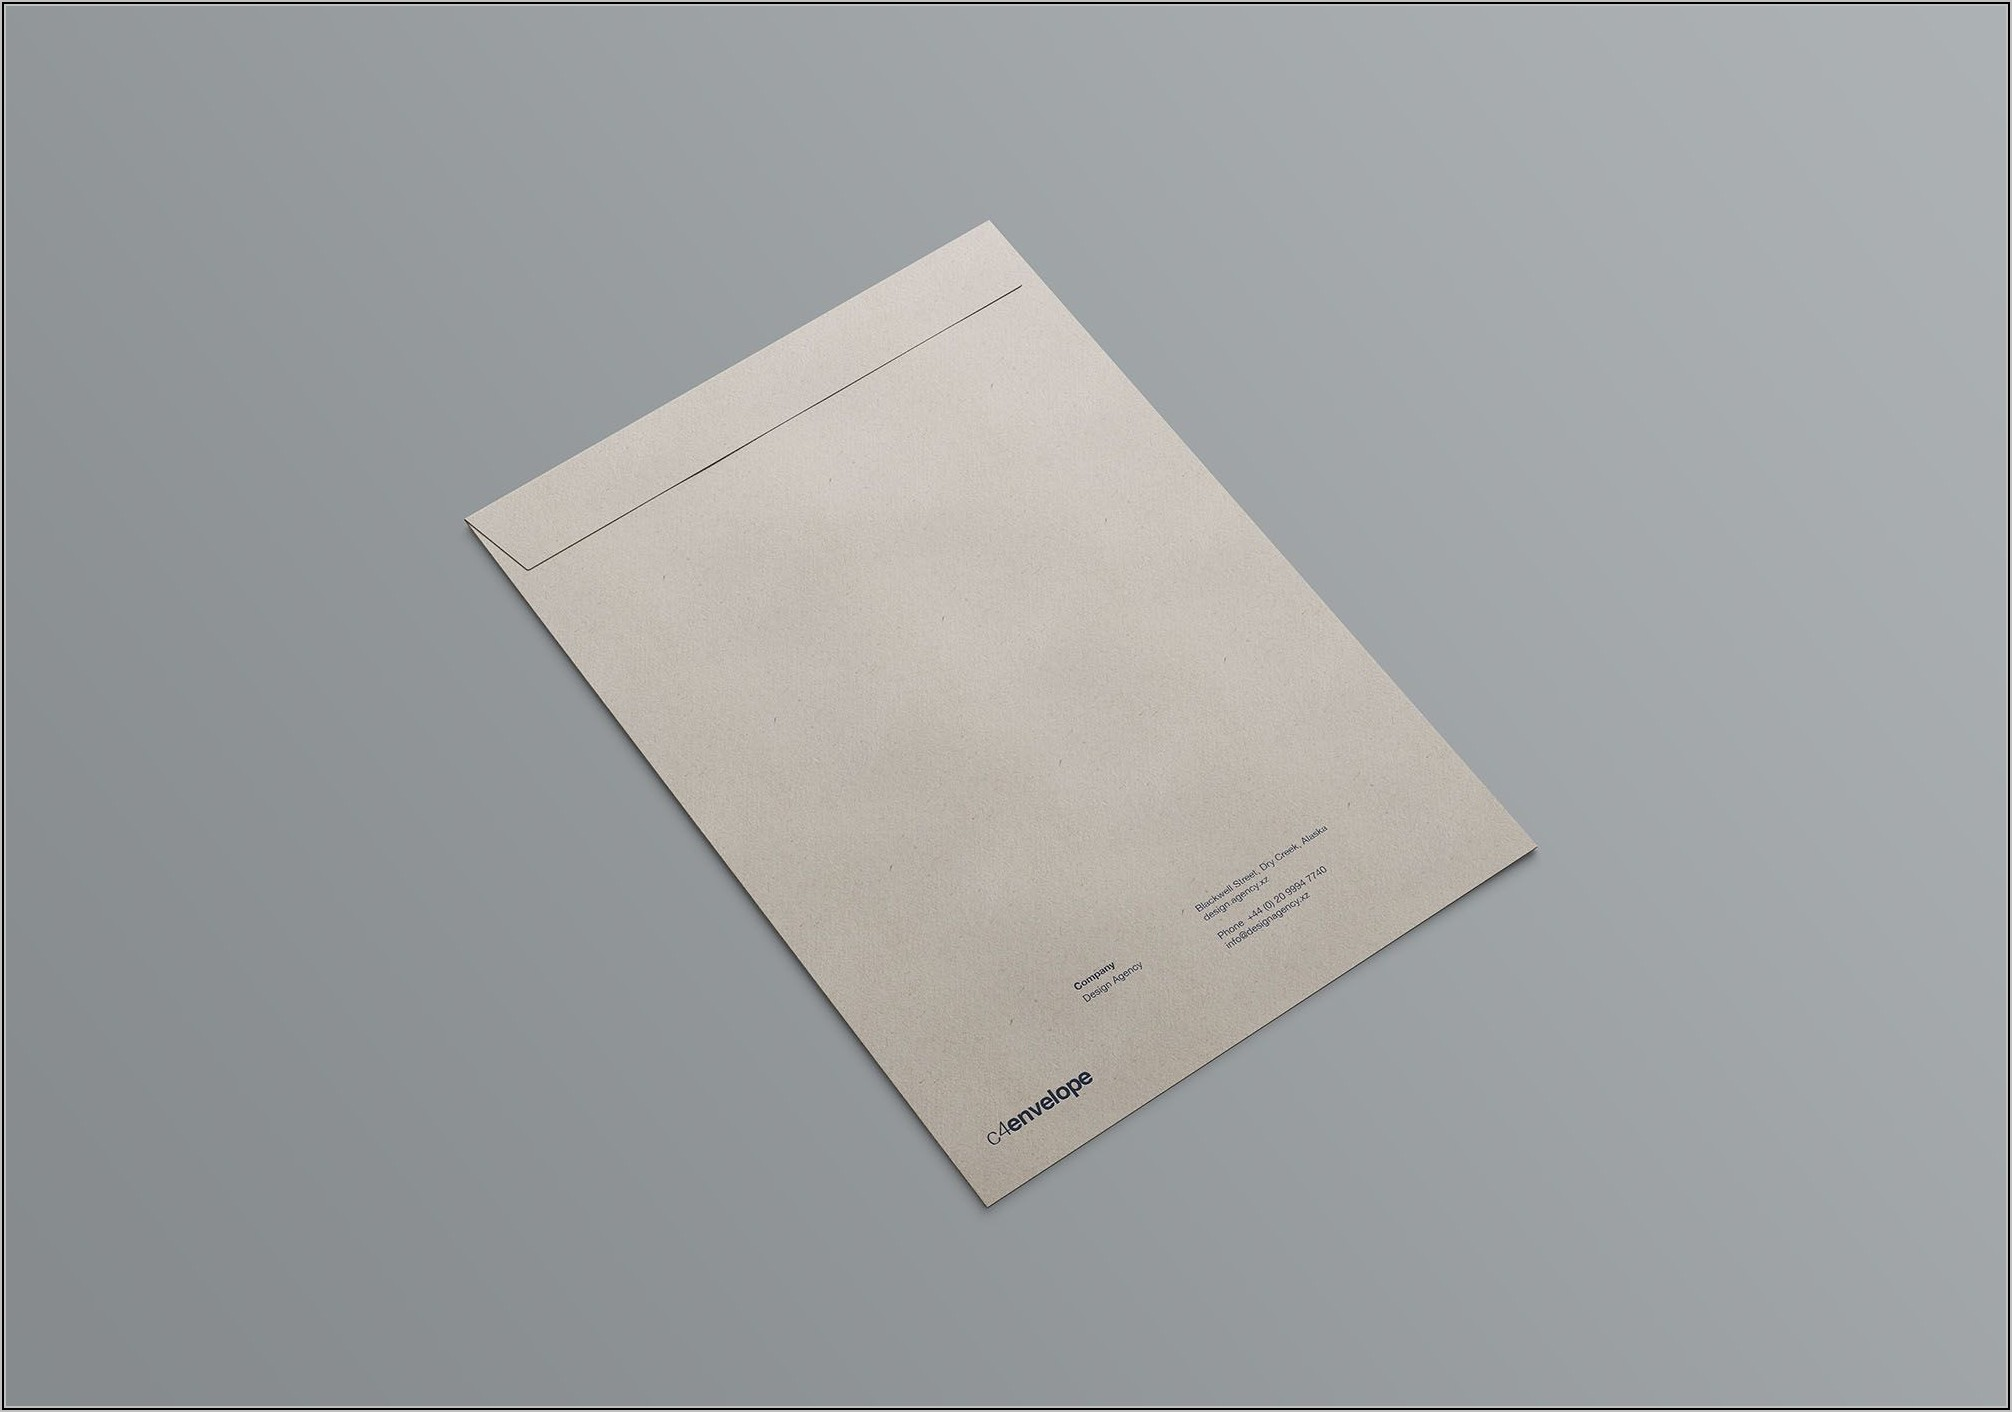 C4 Envelope Mockup Free Psd